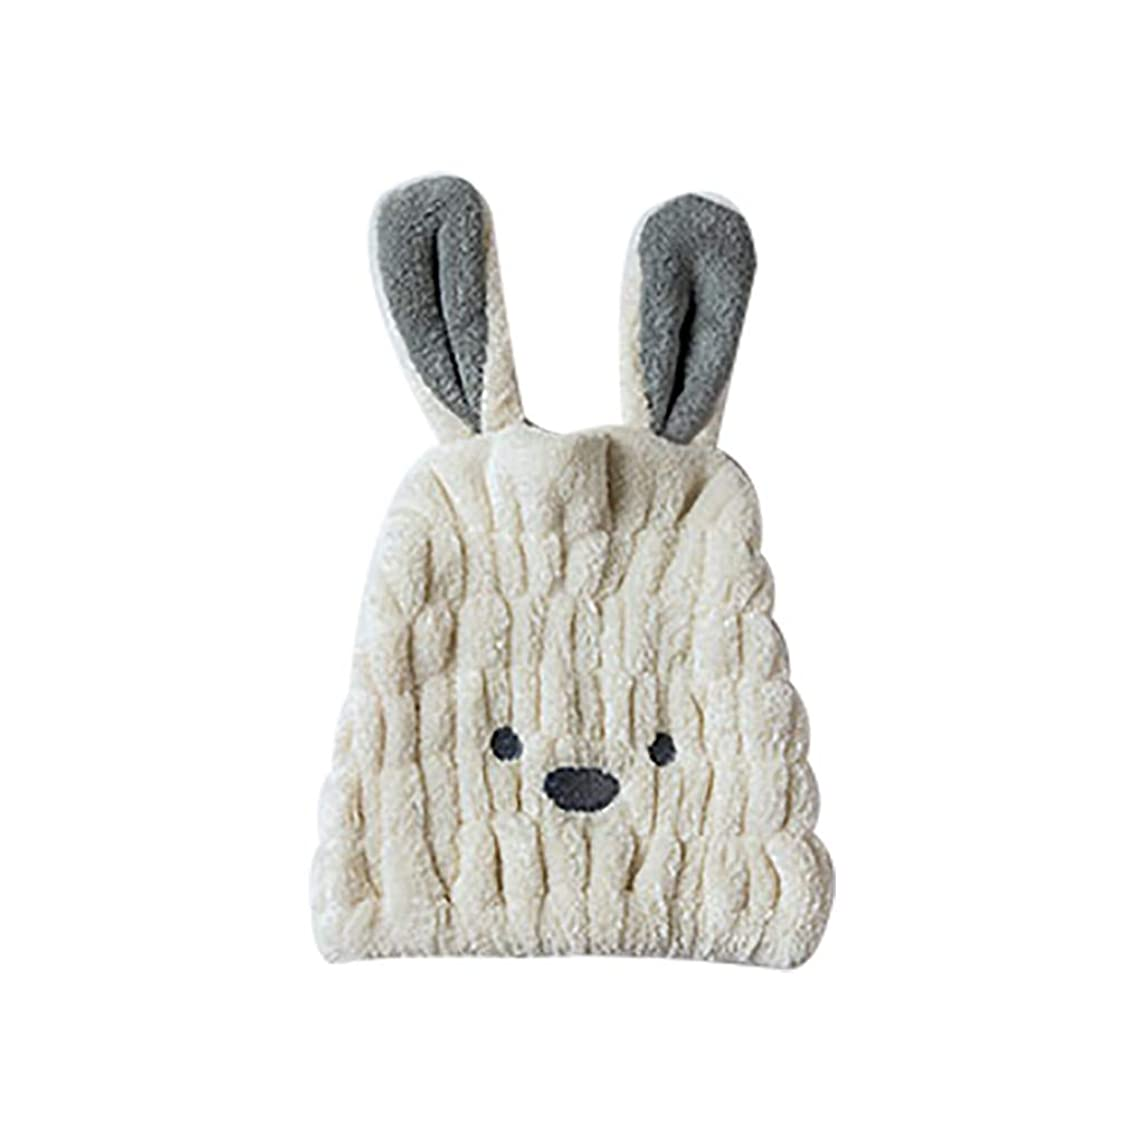 完全に歌うプーノボコダダ(Vocodada)タオルキャップ ヘアキャップ 吸水 ヘアドライタオル 速乾 ヘア 乾燥 タオル 帽子 キャップ 風呂 ふわふわ 可愛い ウサギ 長い耳 コーラルフリース 25x30cm (ベージュ)